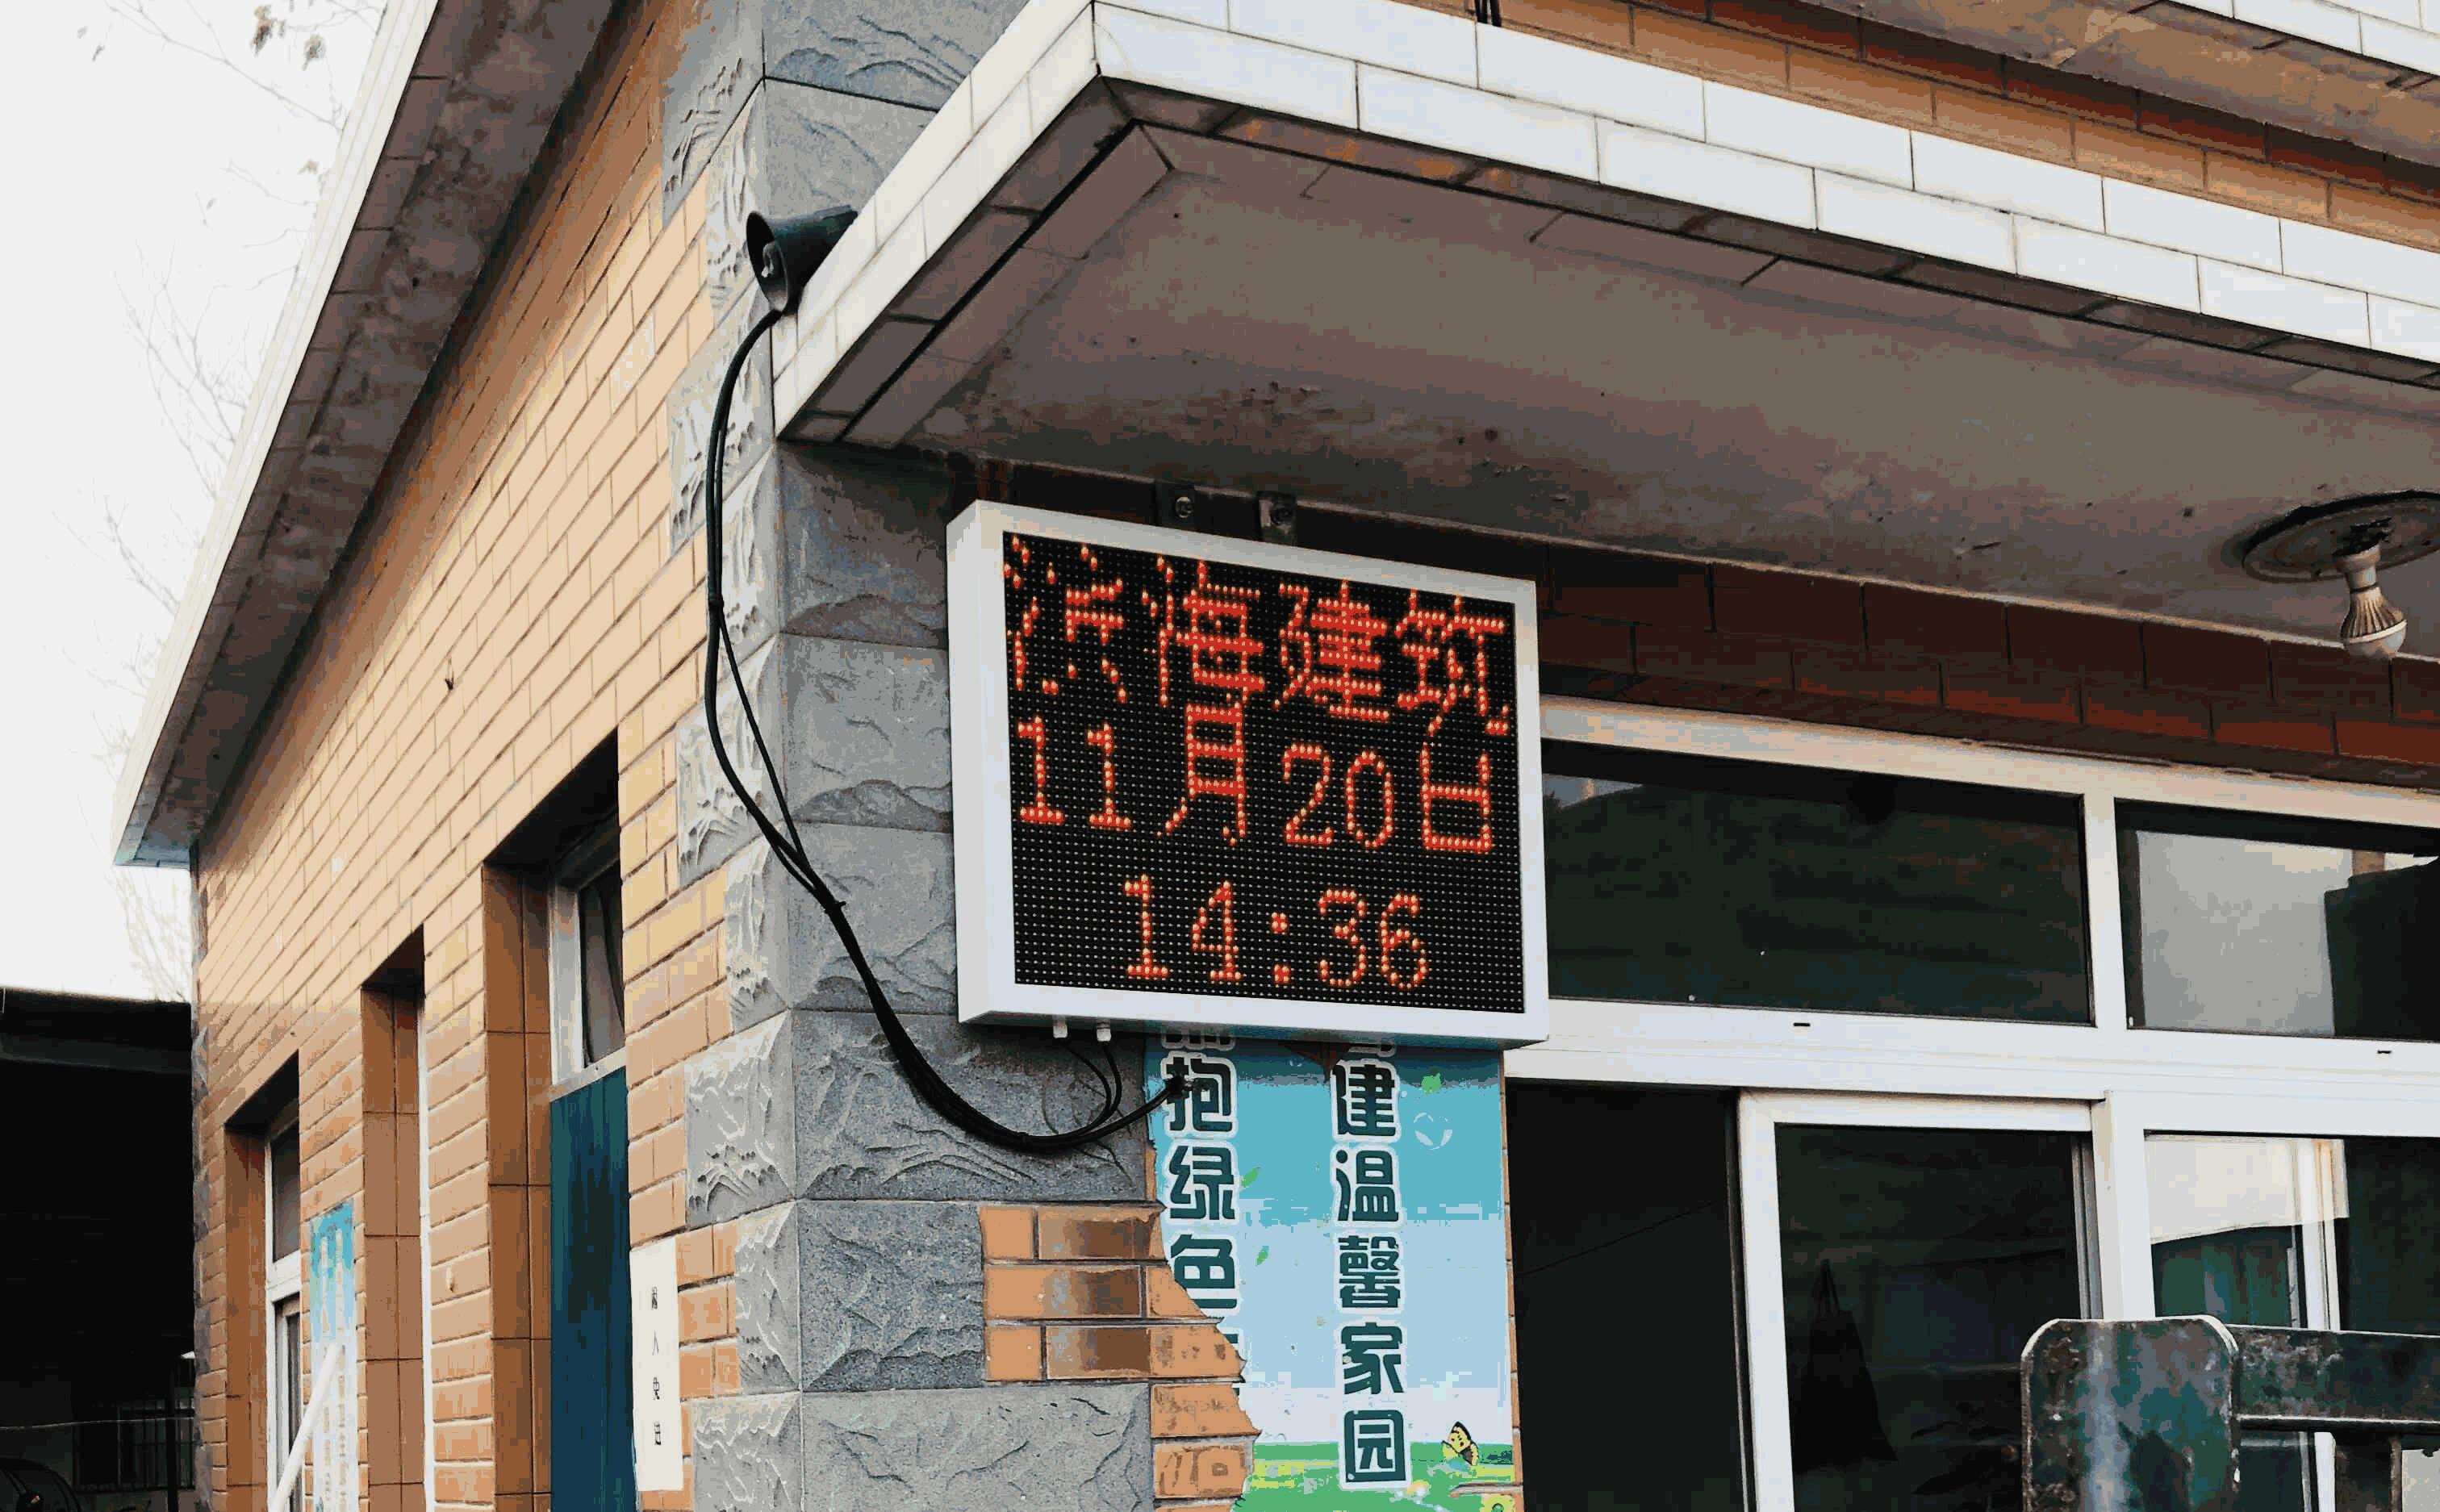 潍坊三建滨海安装贝塔扬尘大屏显示项目